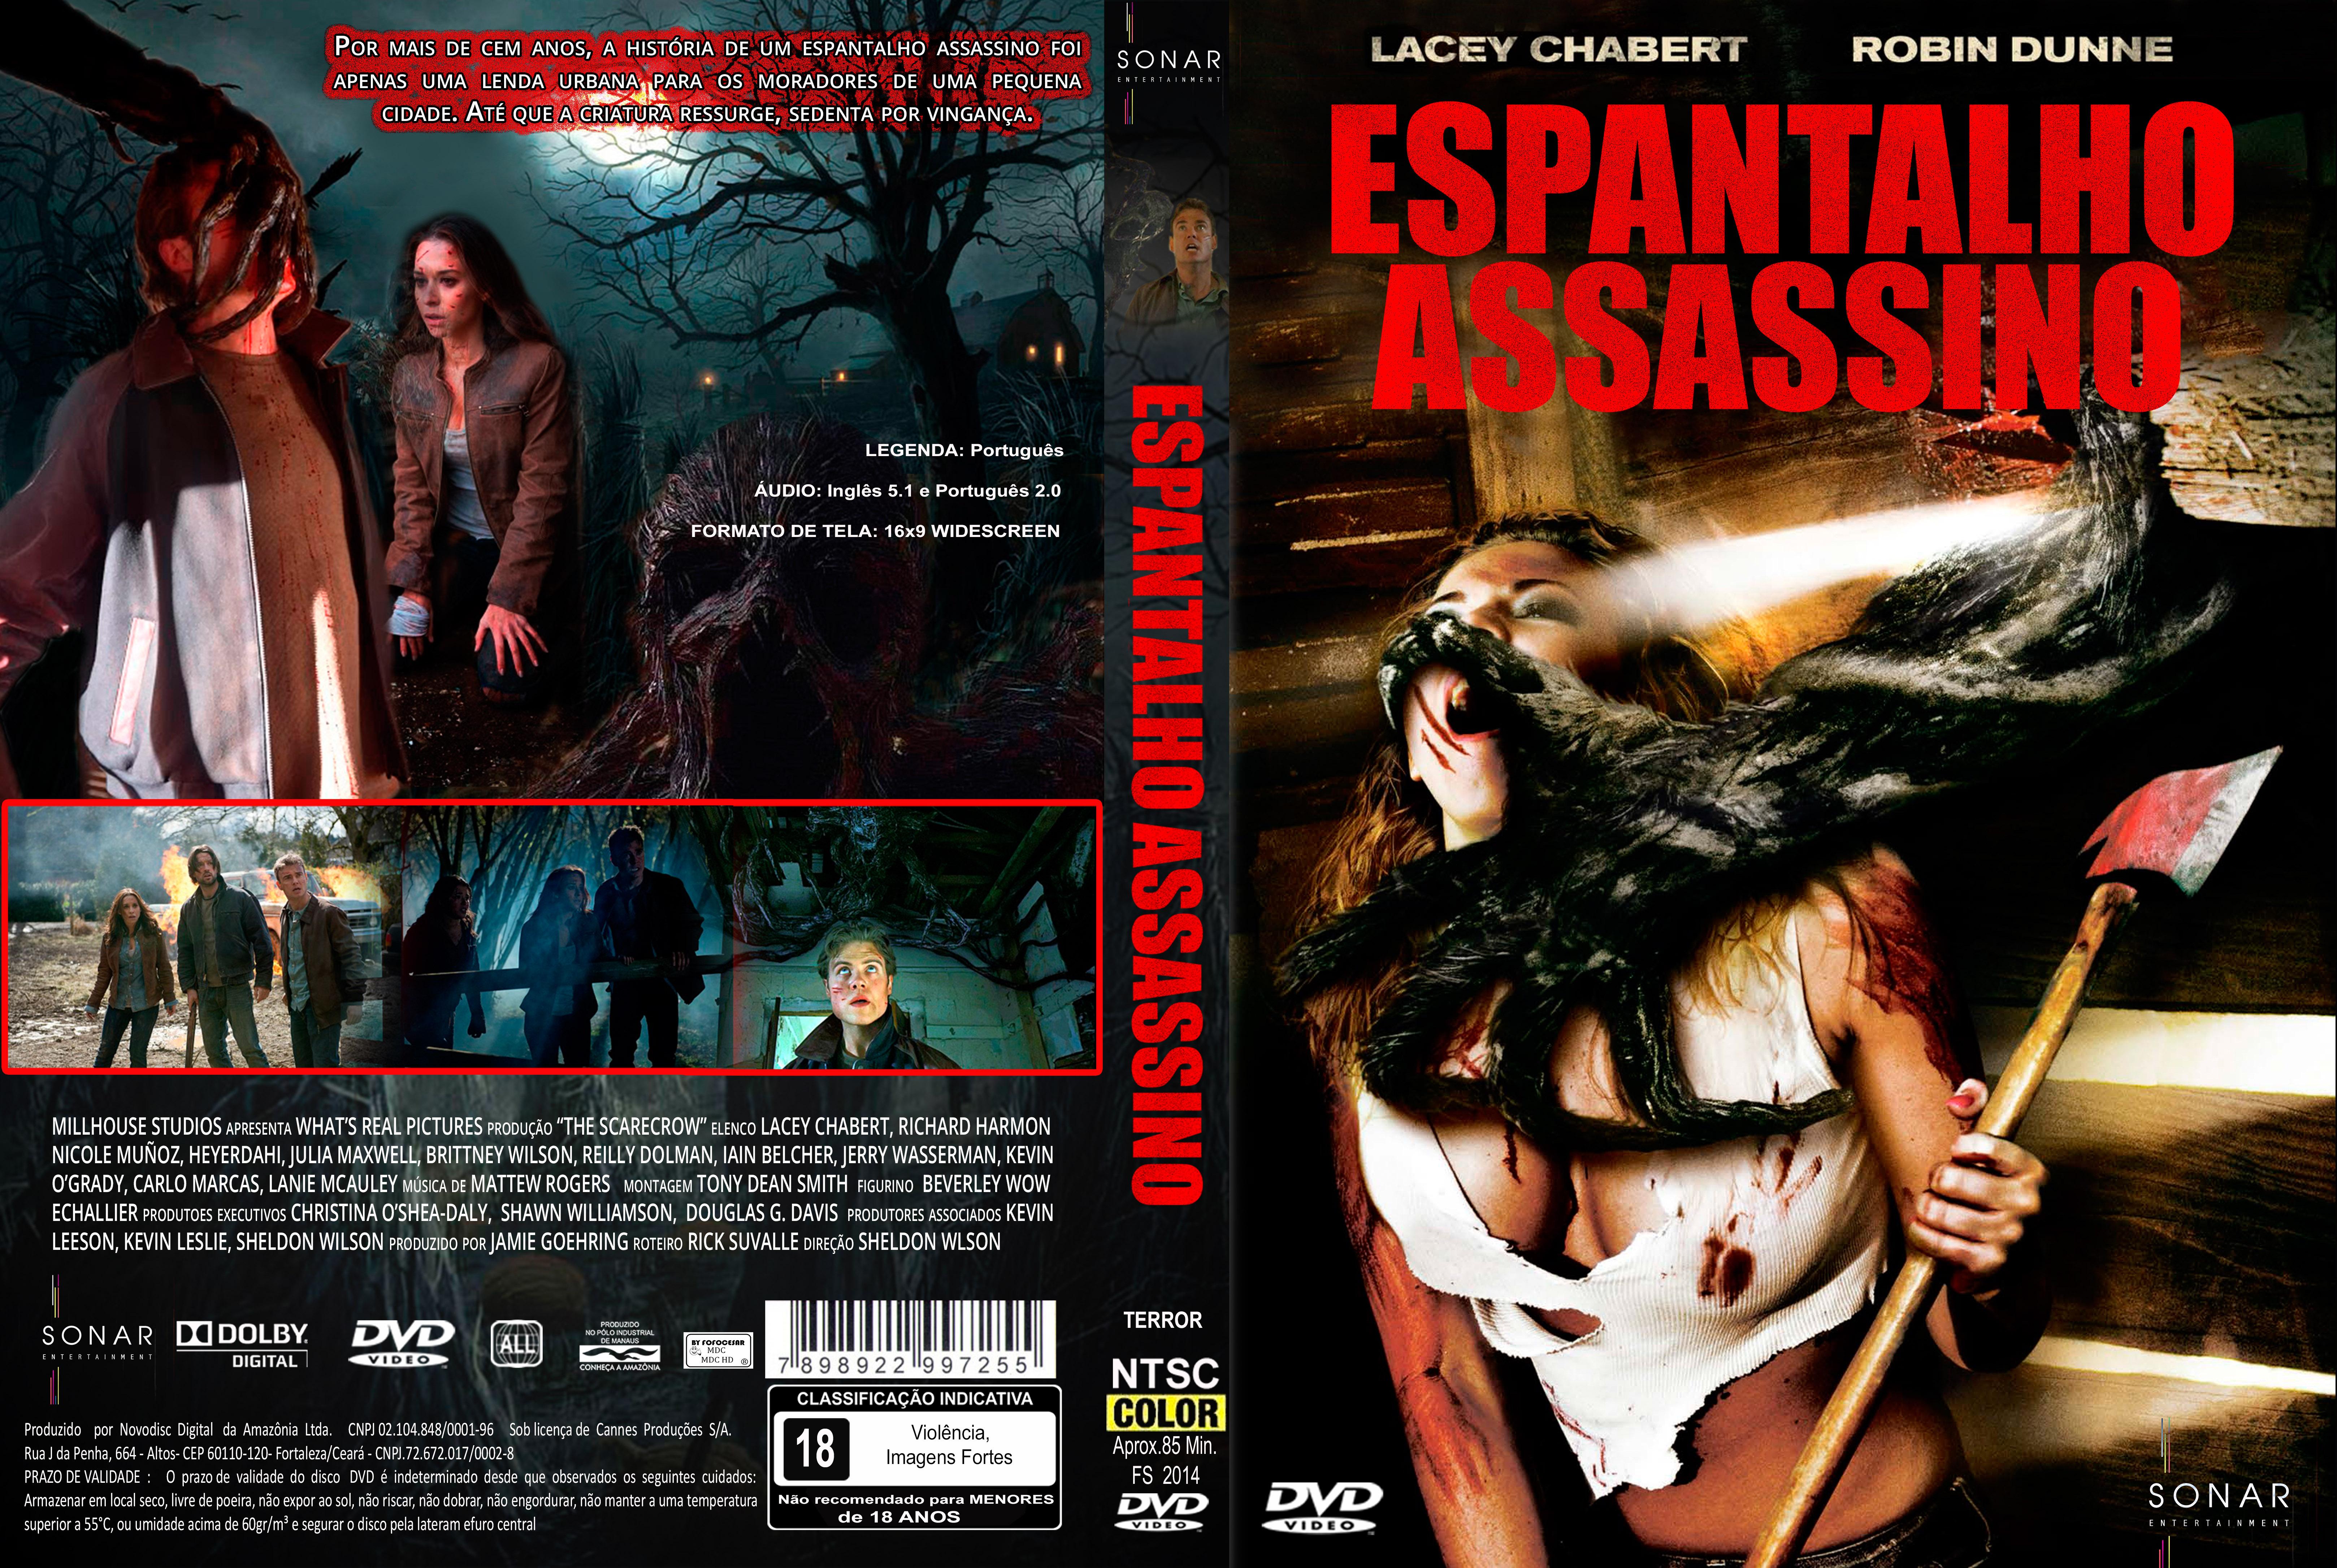 Capa DVD Espantalho Assassino